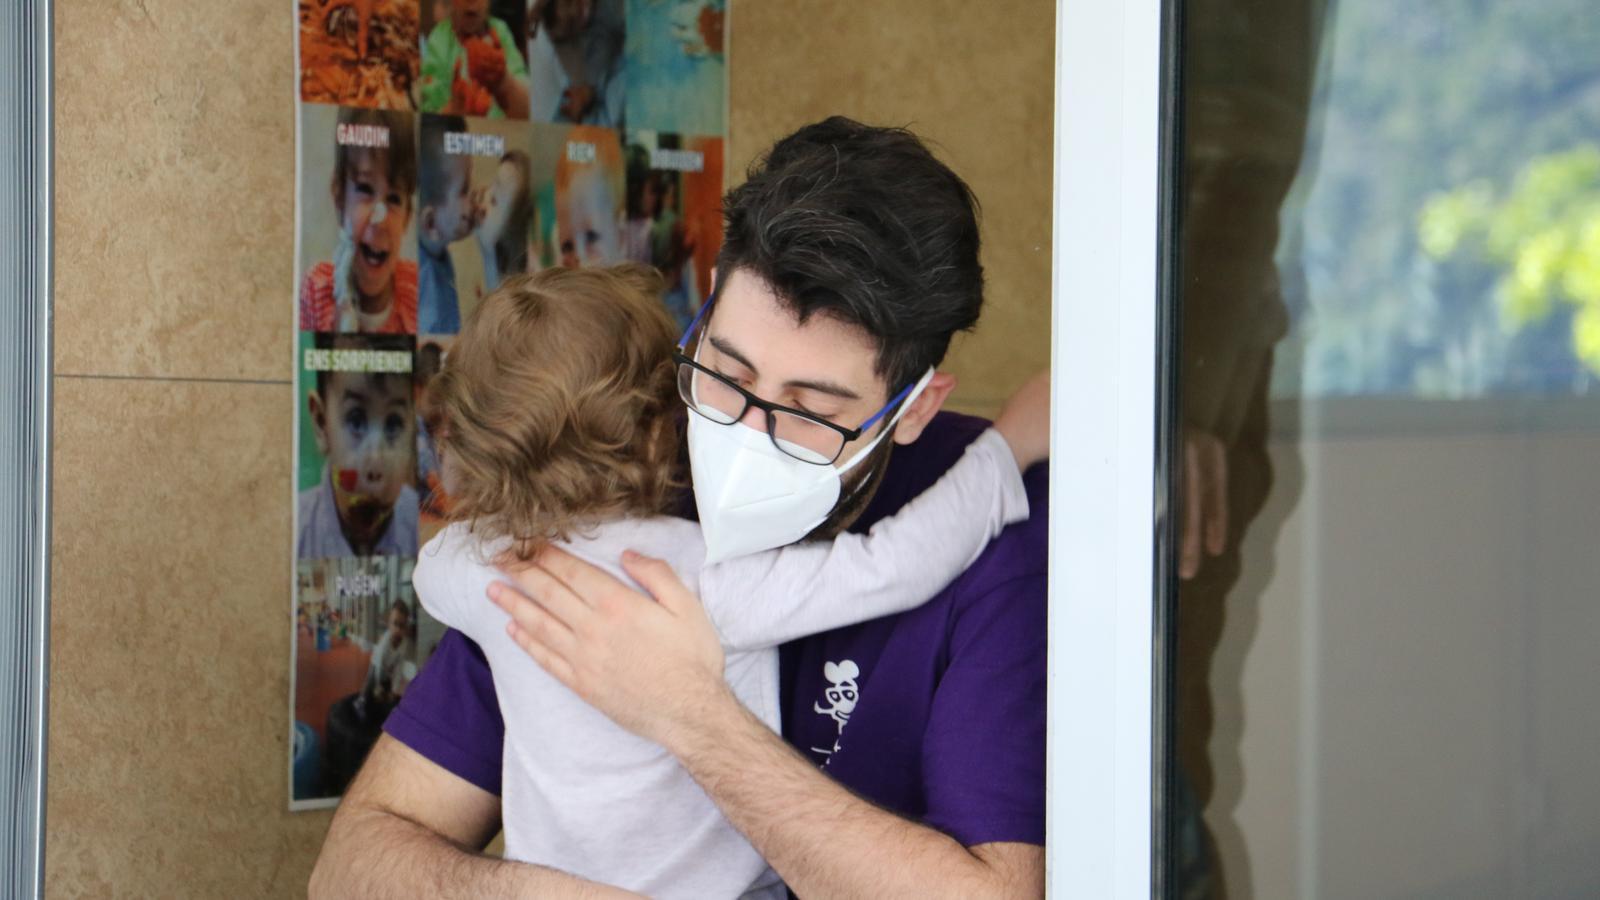 Un professor saluda efusivament una nena de l'escola bressol Conxita Mora. / E.C. (ANA)